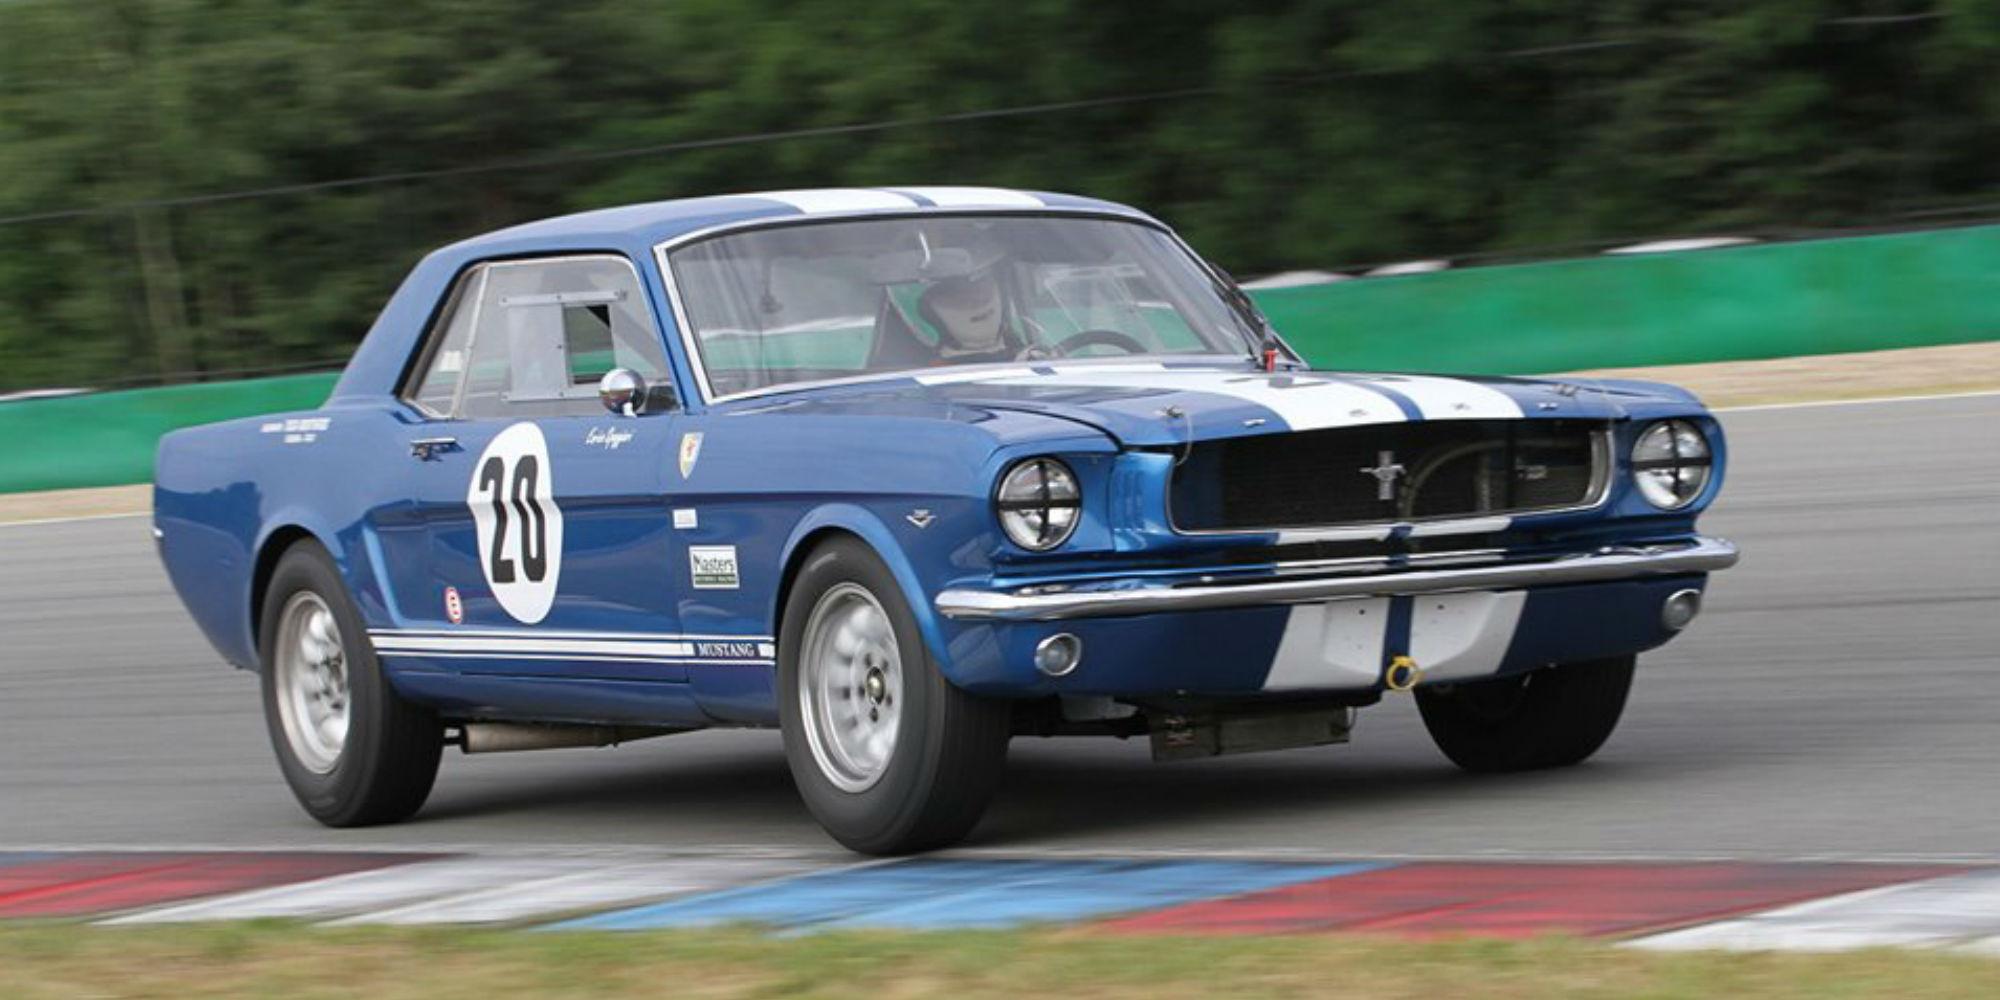 1965 Ford Mustang 289 Fia William I Anson Ltd